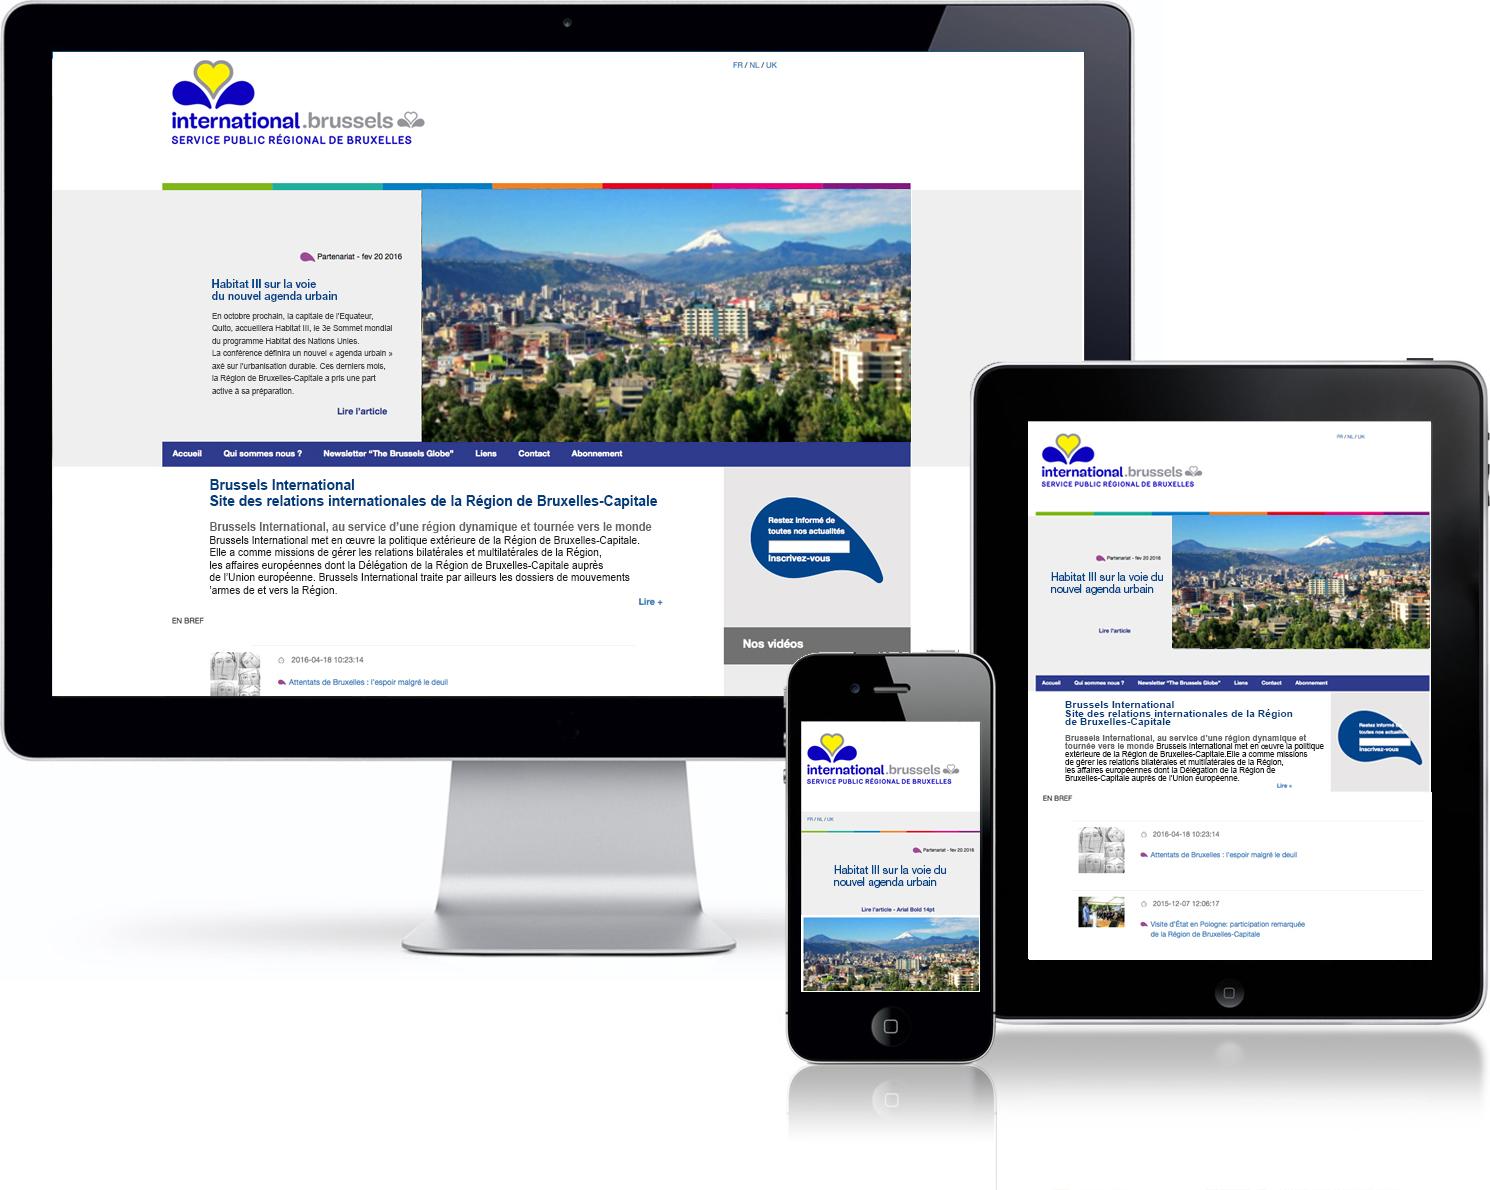 Le site Internet de Brussels International a fait peau neuve. Les  modifications ont porté sur une lisibilité accrue grâce à un nouveau  graphisme et à ... 5eaa52ee6057